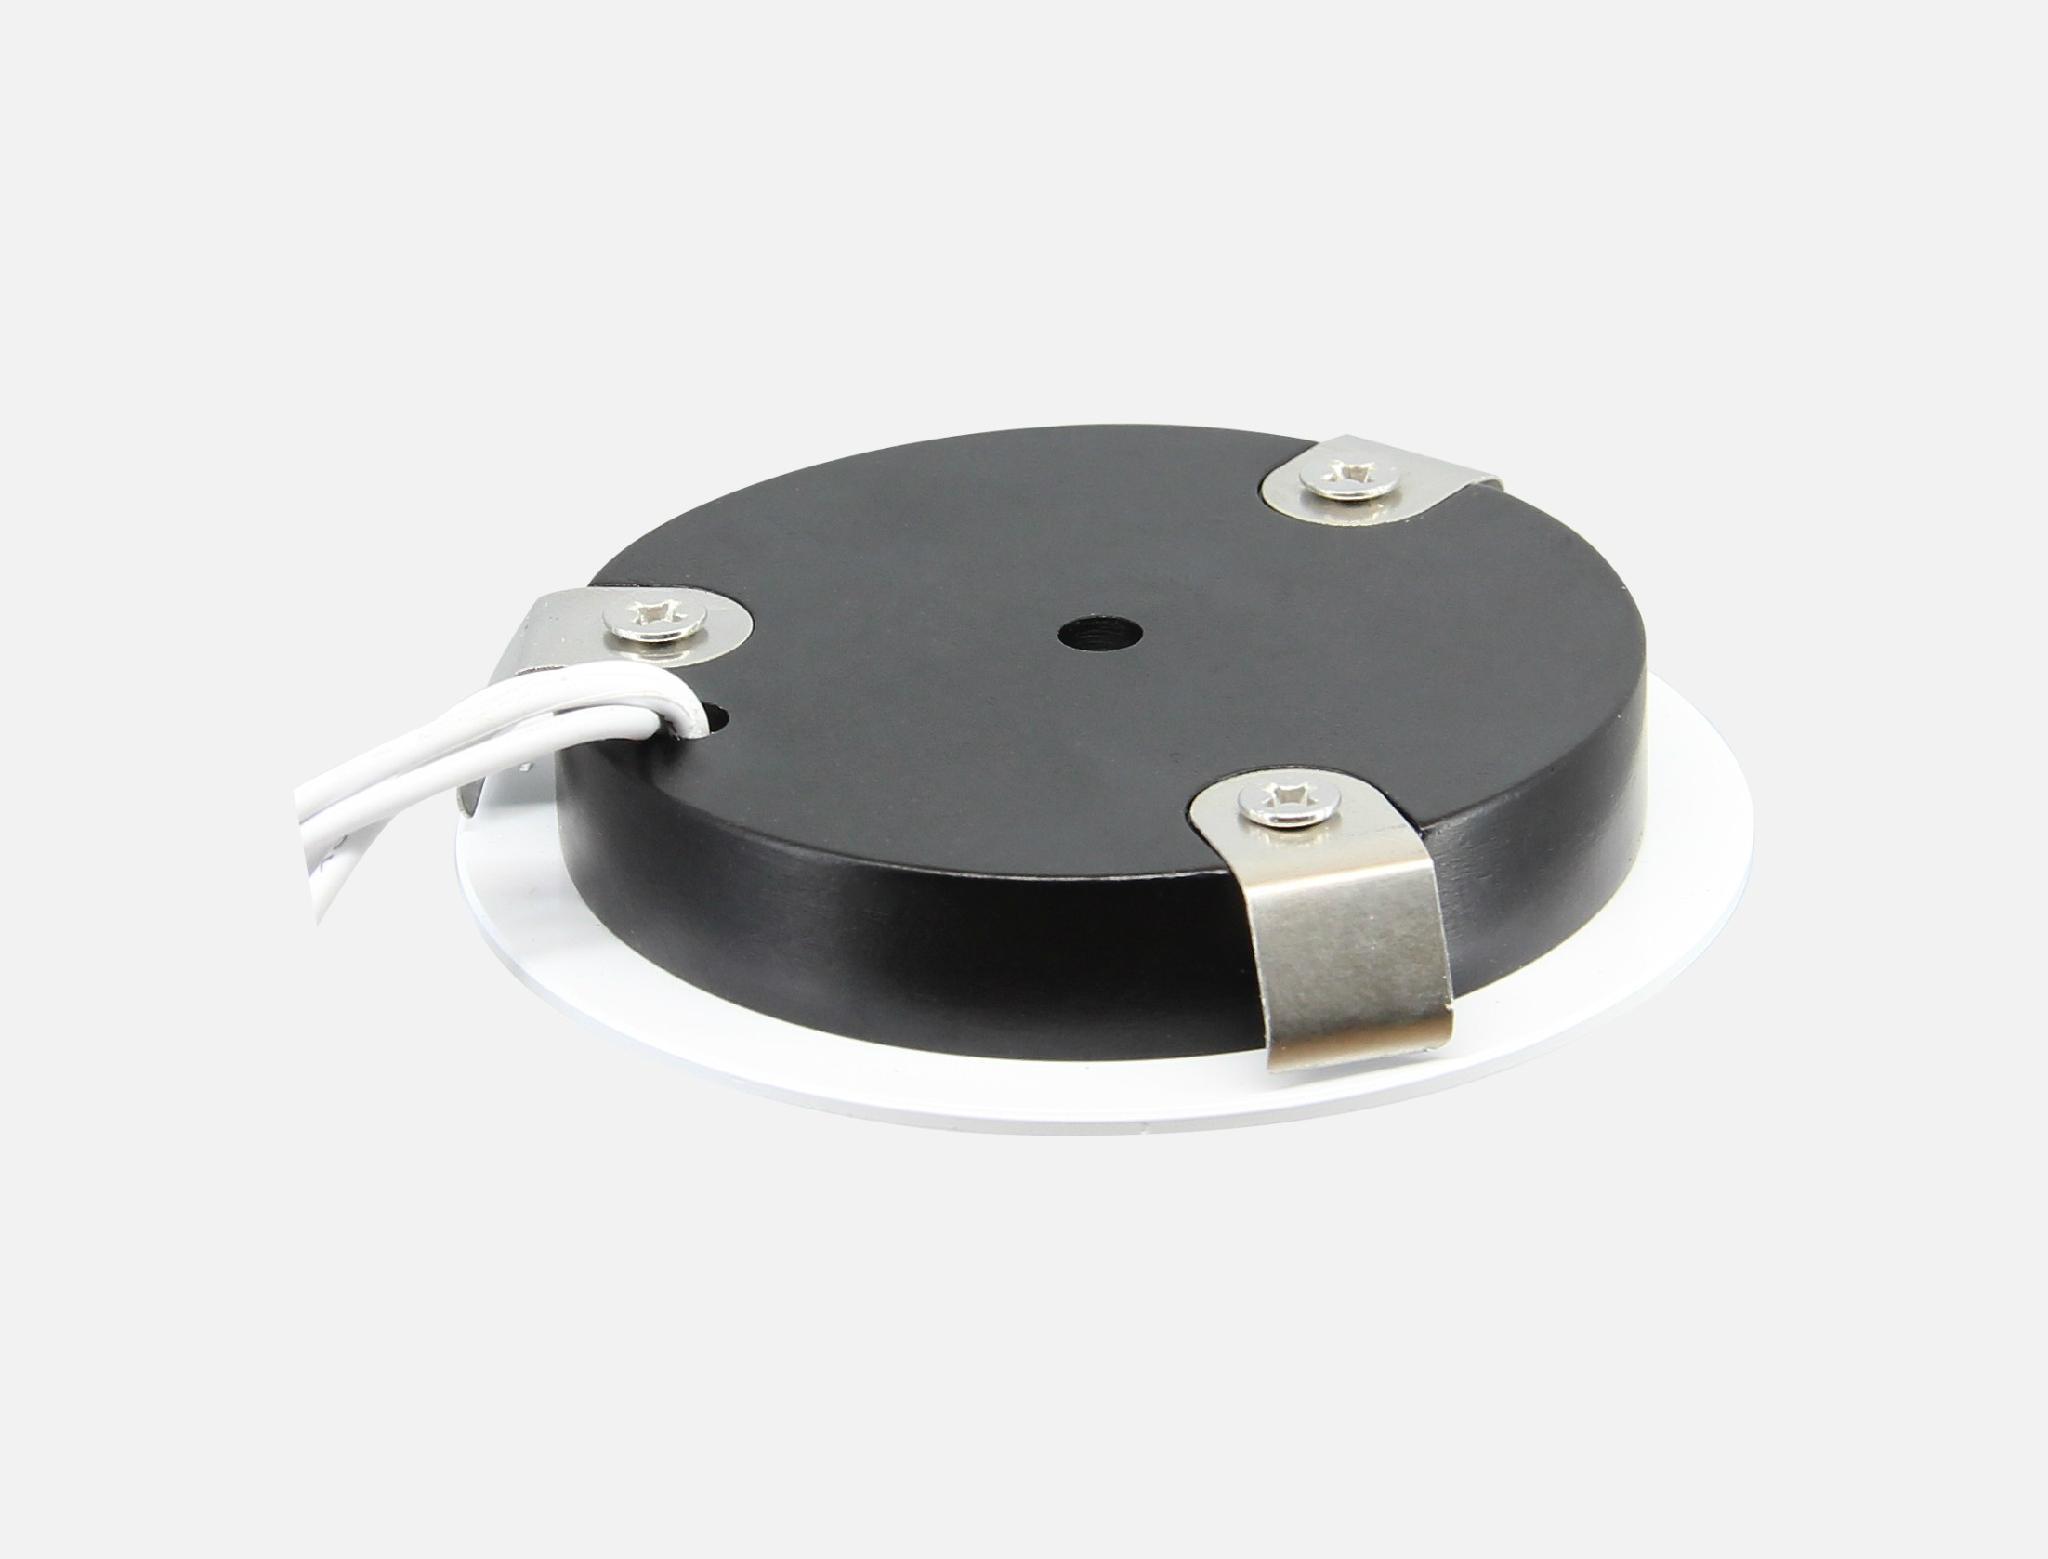 LED Cabinet light DC12V Dimming 3